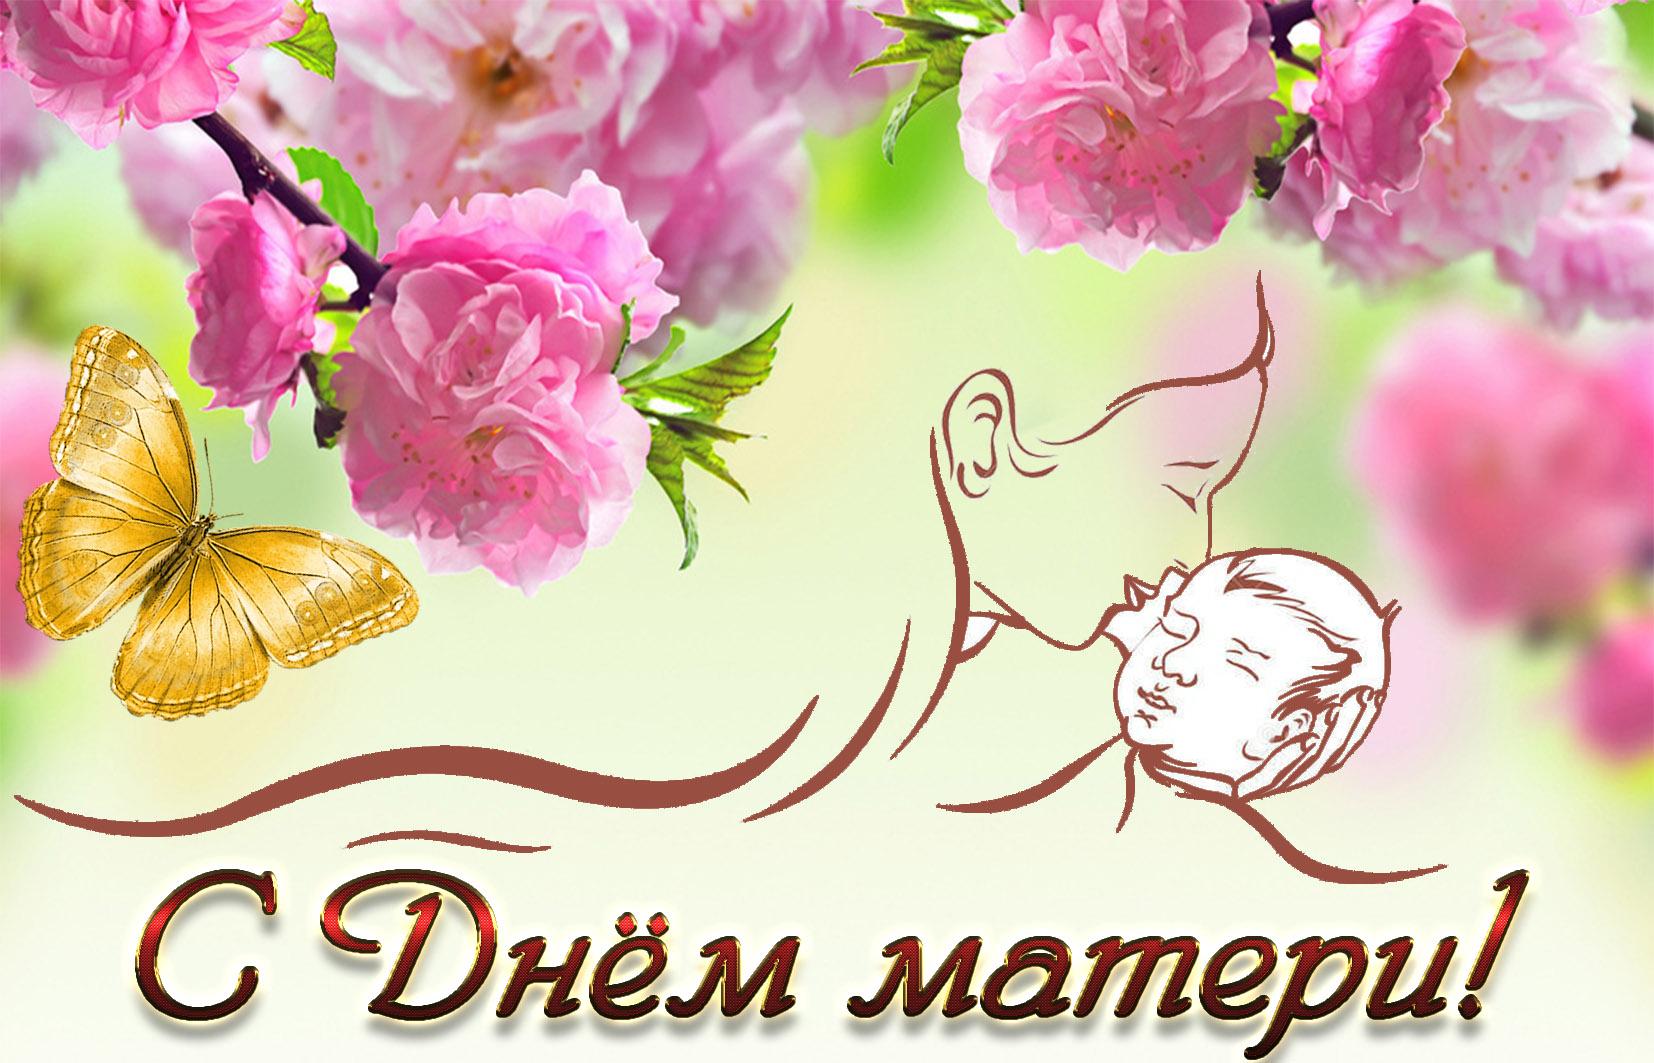 Фон для поздравления с днем матери